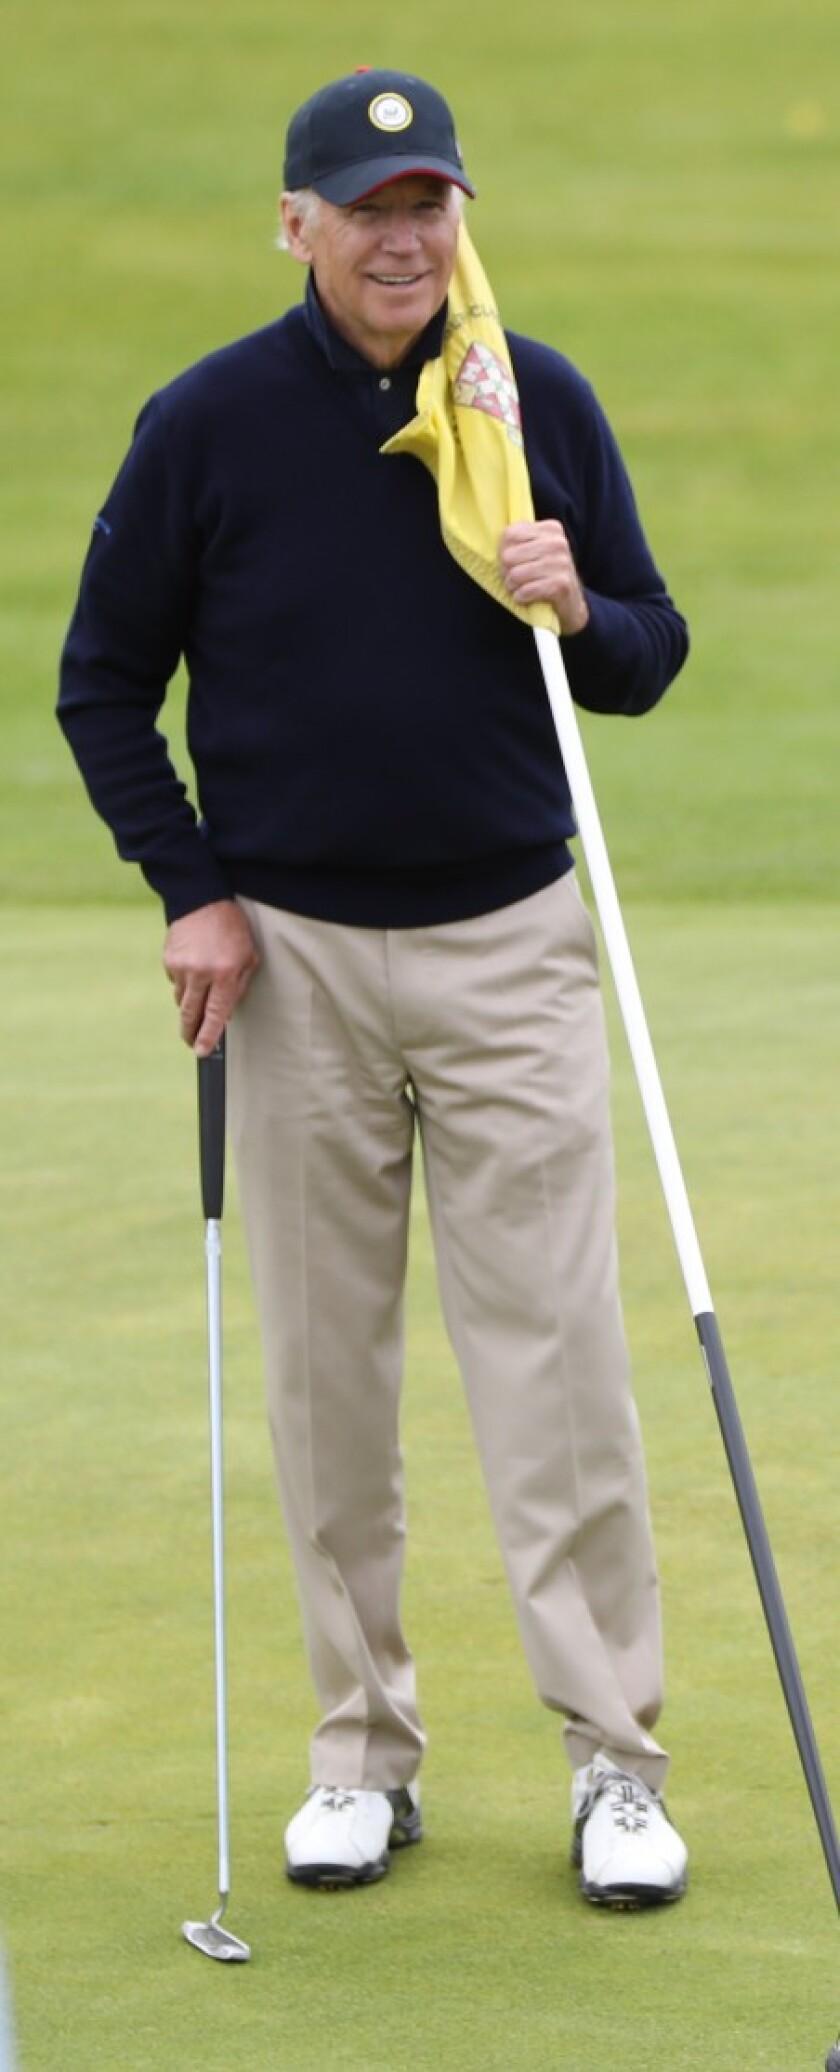 Joe Biden golfer